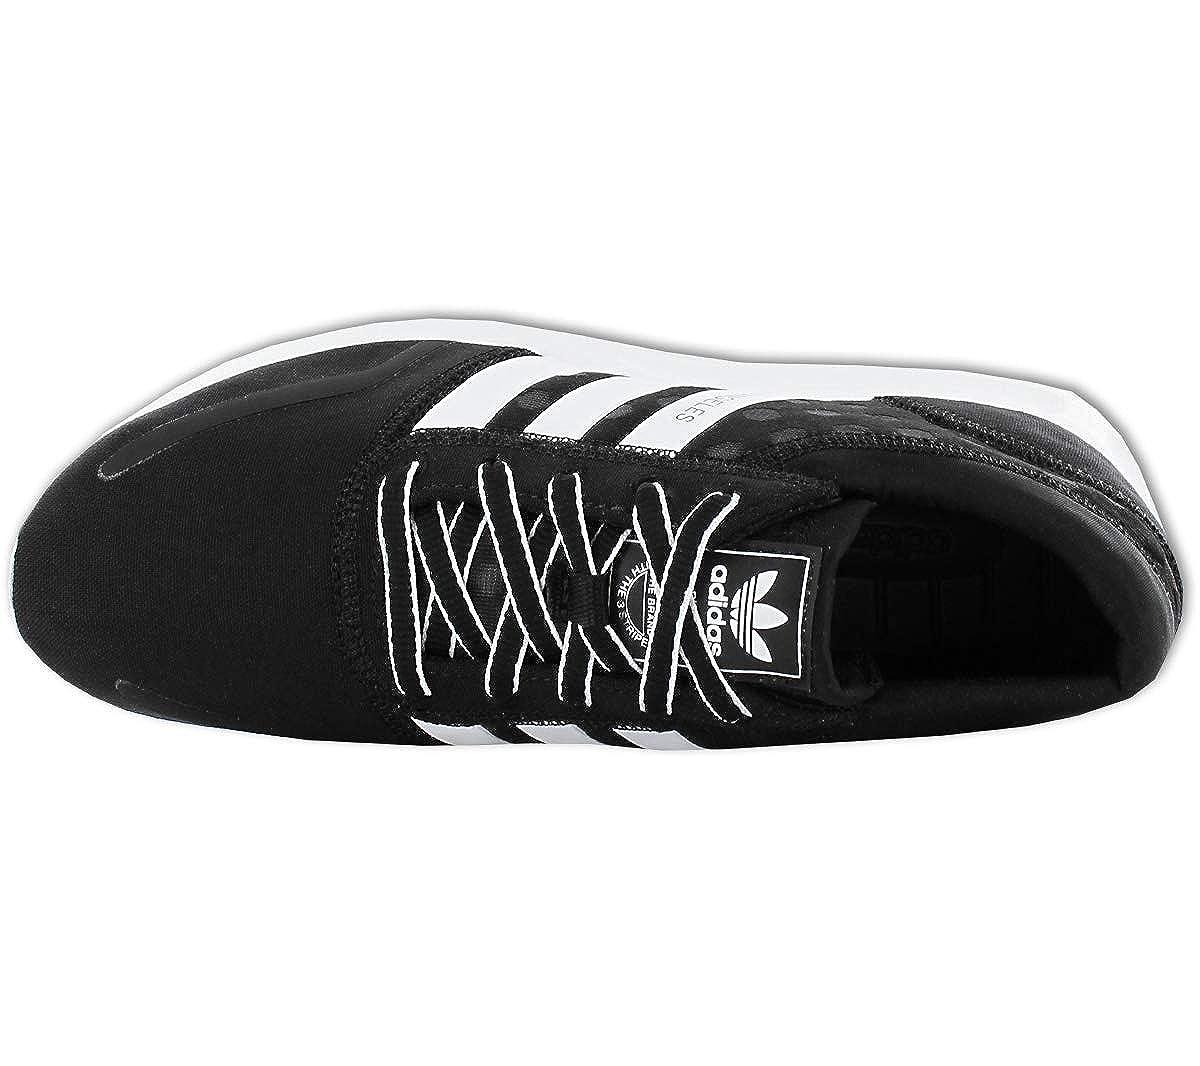 Adidas Originals Sneaker S79758 Damen LOS ANGELES Adidas